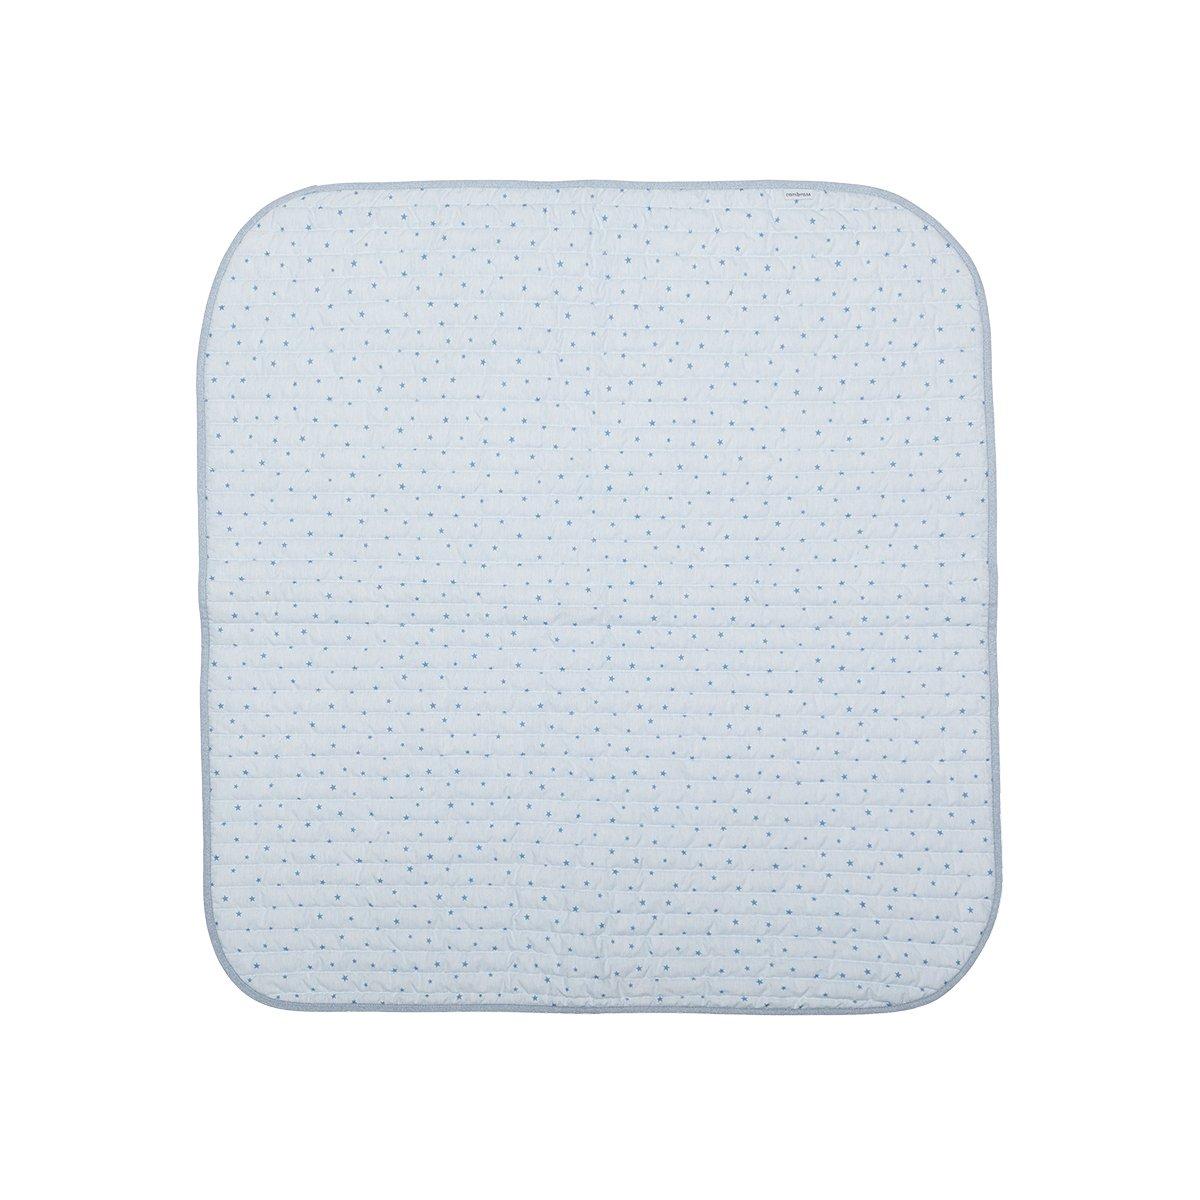 Cambrass Stela - Colcha boutí, 80 x 80 cm, color celeste 37500.0